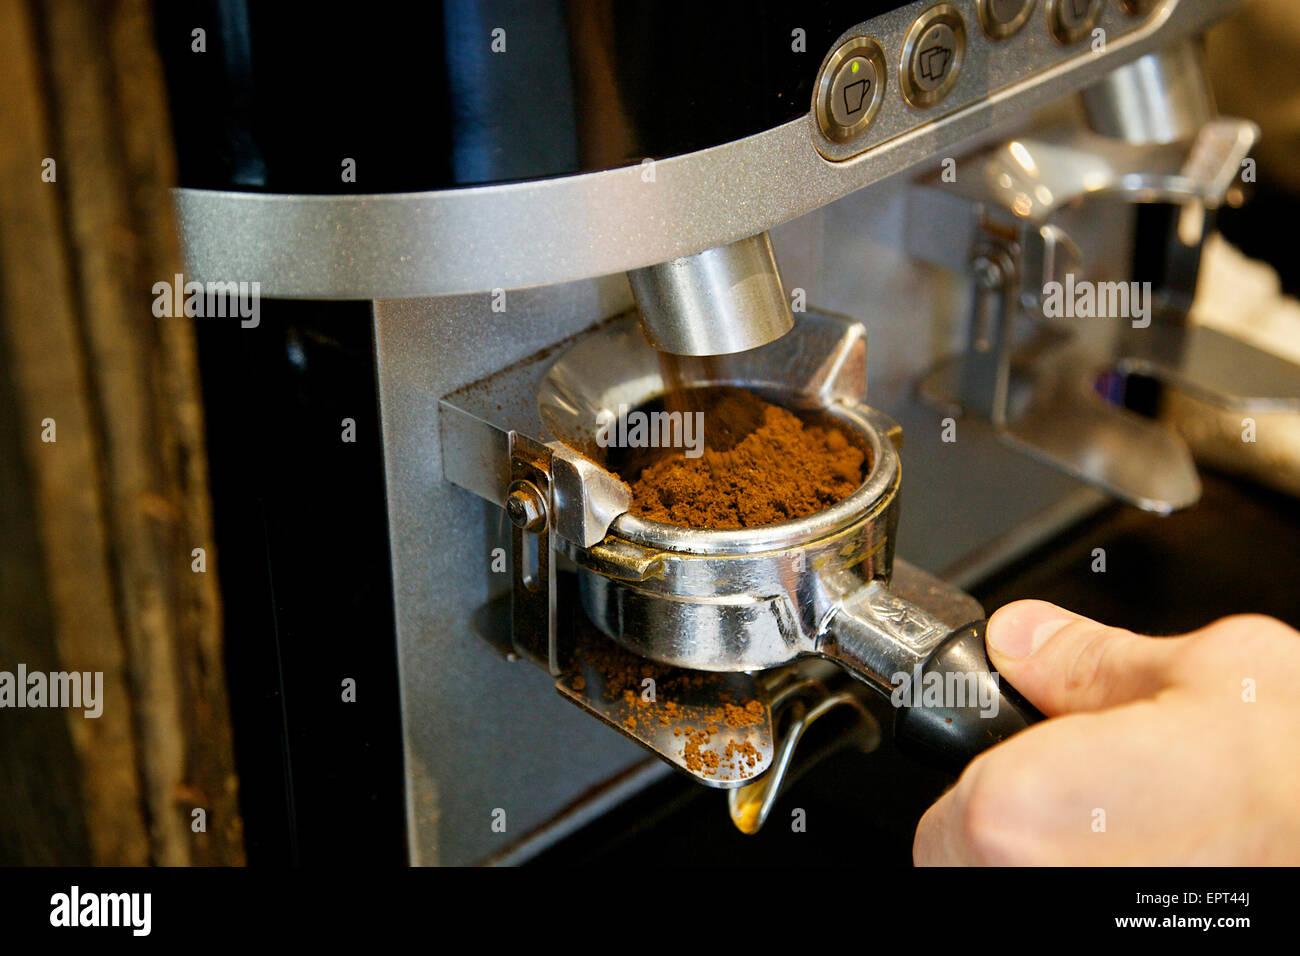 Molinillo de café automática Cesta Portafilter llenado en la cafetería. Foto de stock